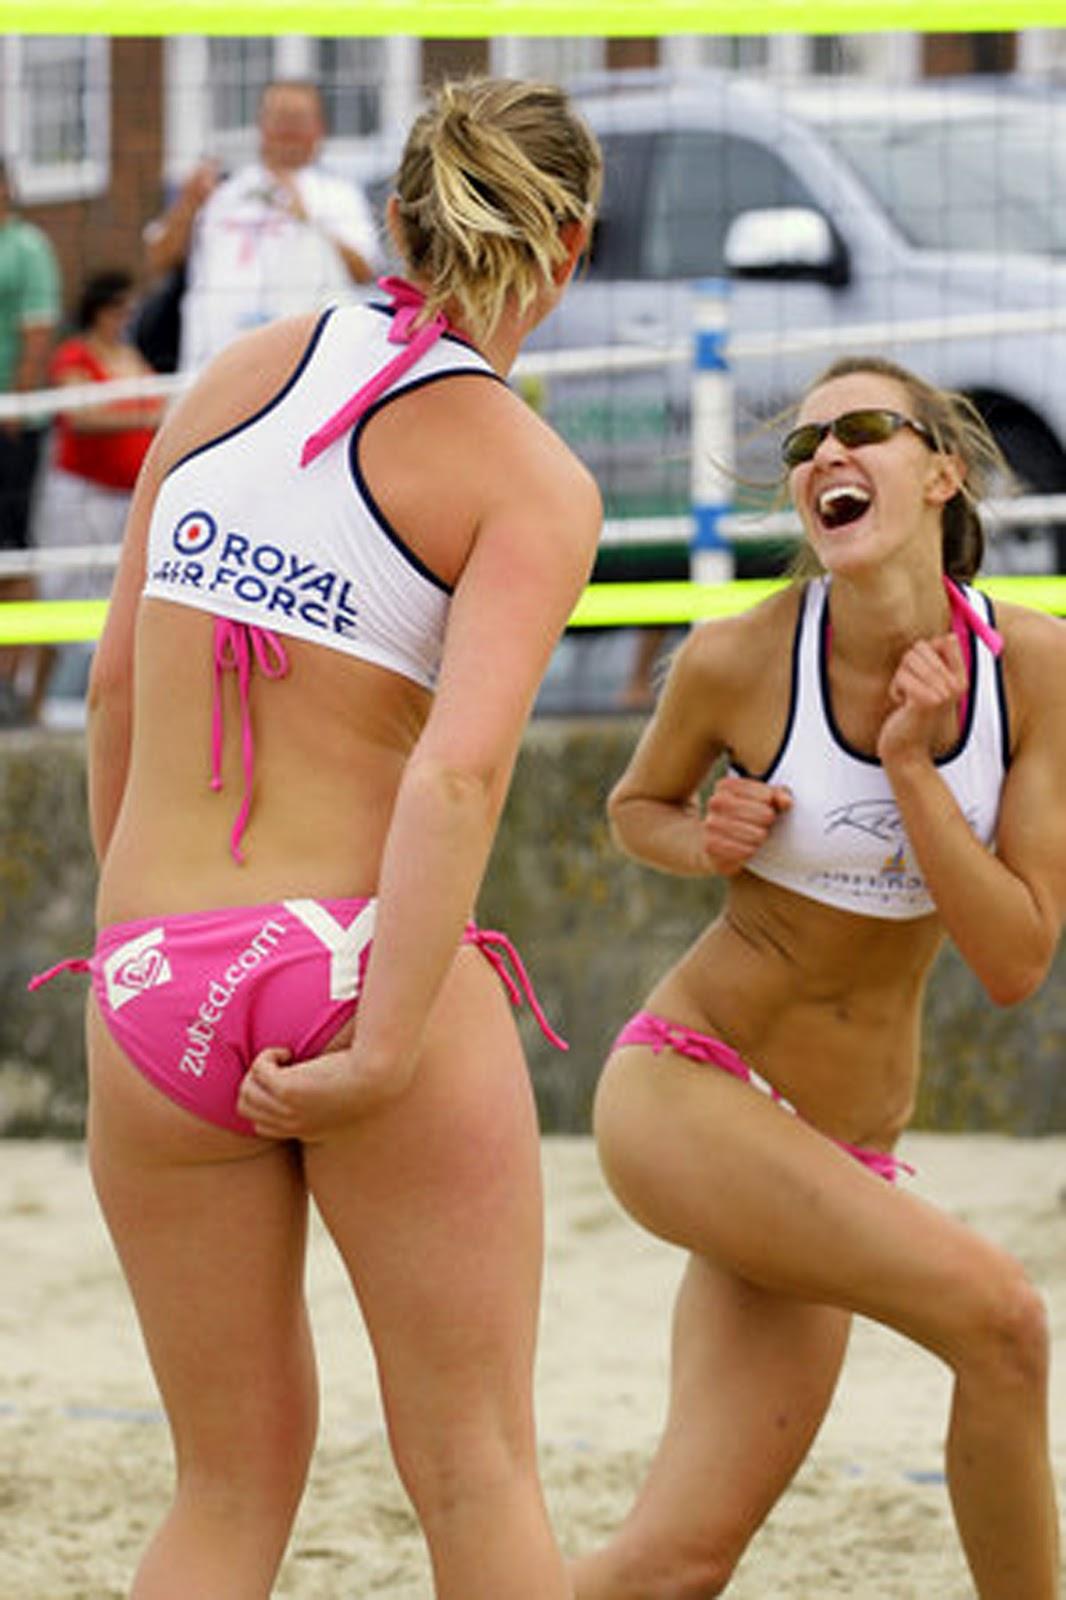 http://2.bp.blogspot.com/-vuCTuIENTgY/T0I4xMxV_vI/AAAAAAAACw0/2Qt1HJ55Ifc/s1600/Sexy-Volleyball-4.jpg